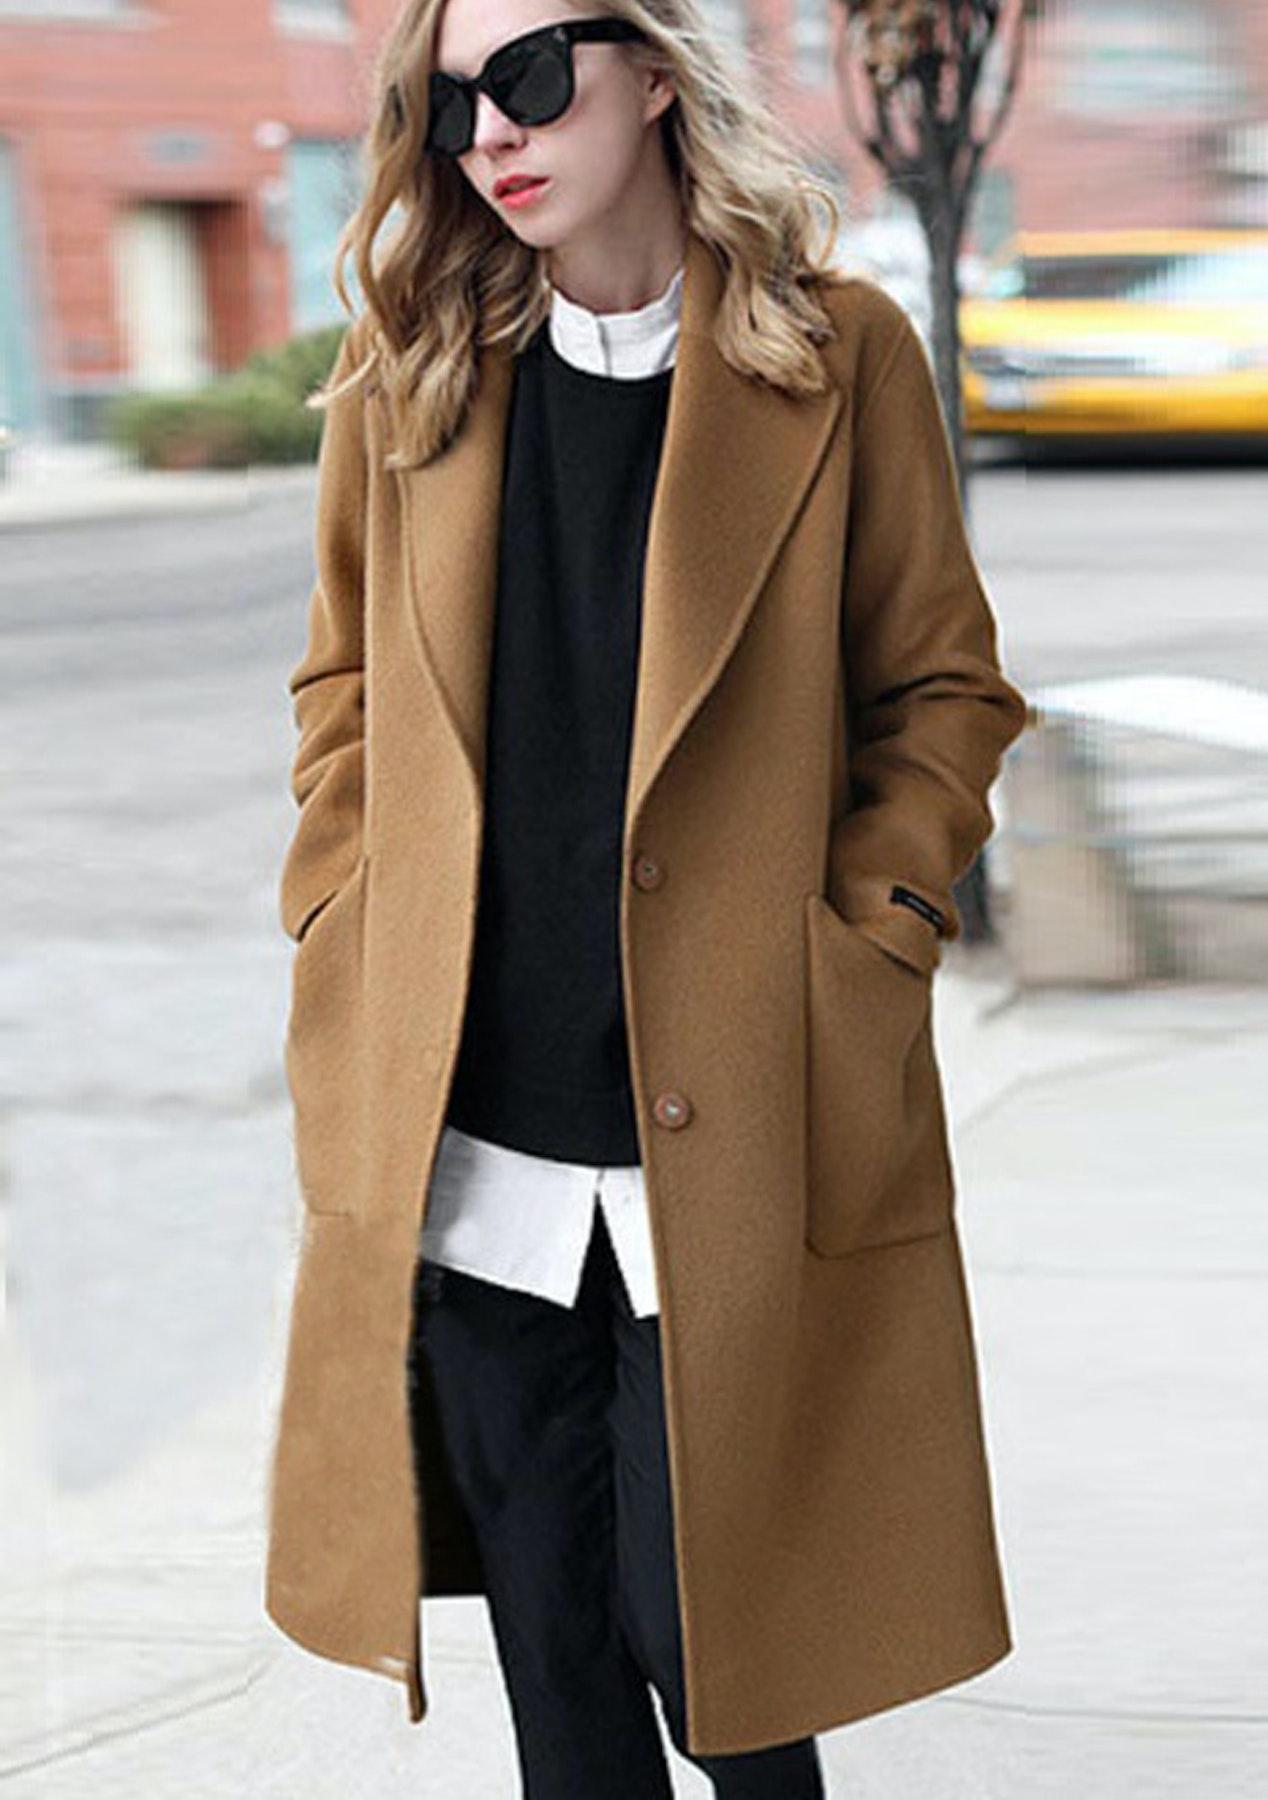 b86dfee3 Fashion Edit. - Meredith Coat - Camel